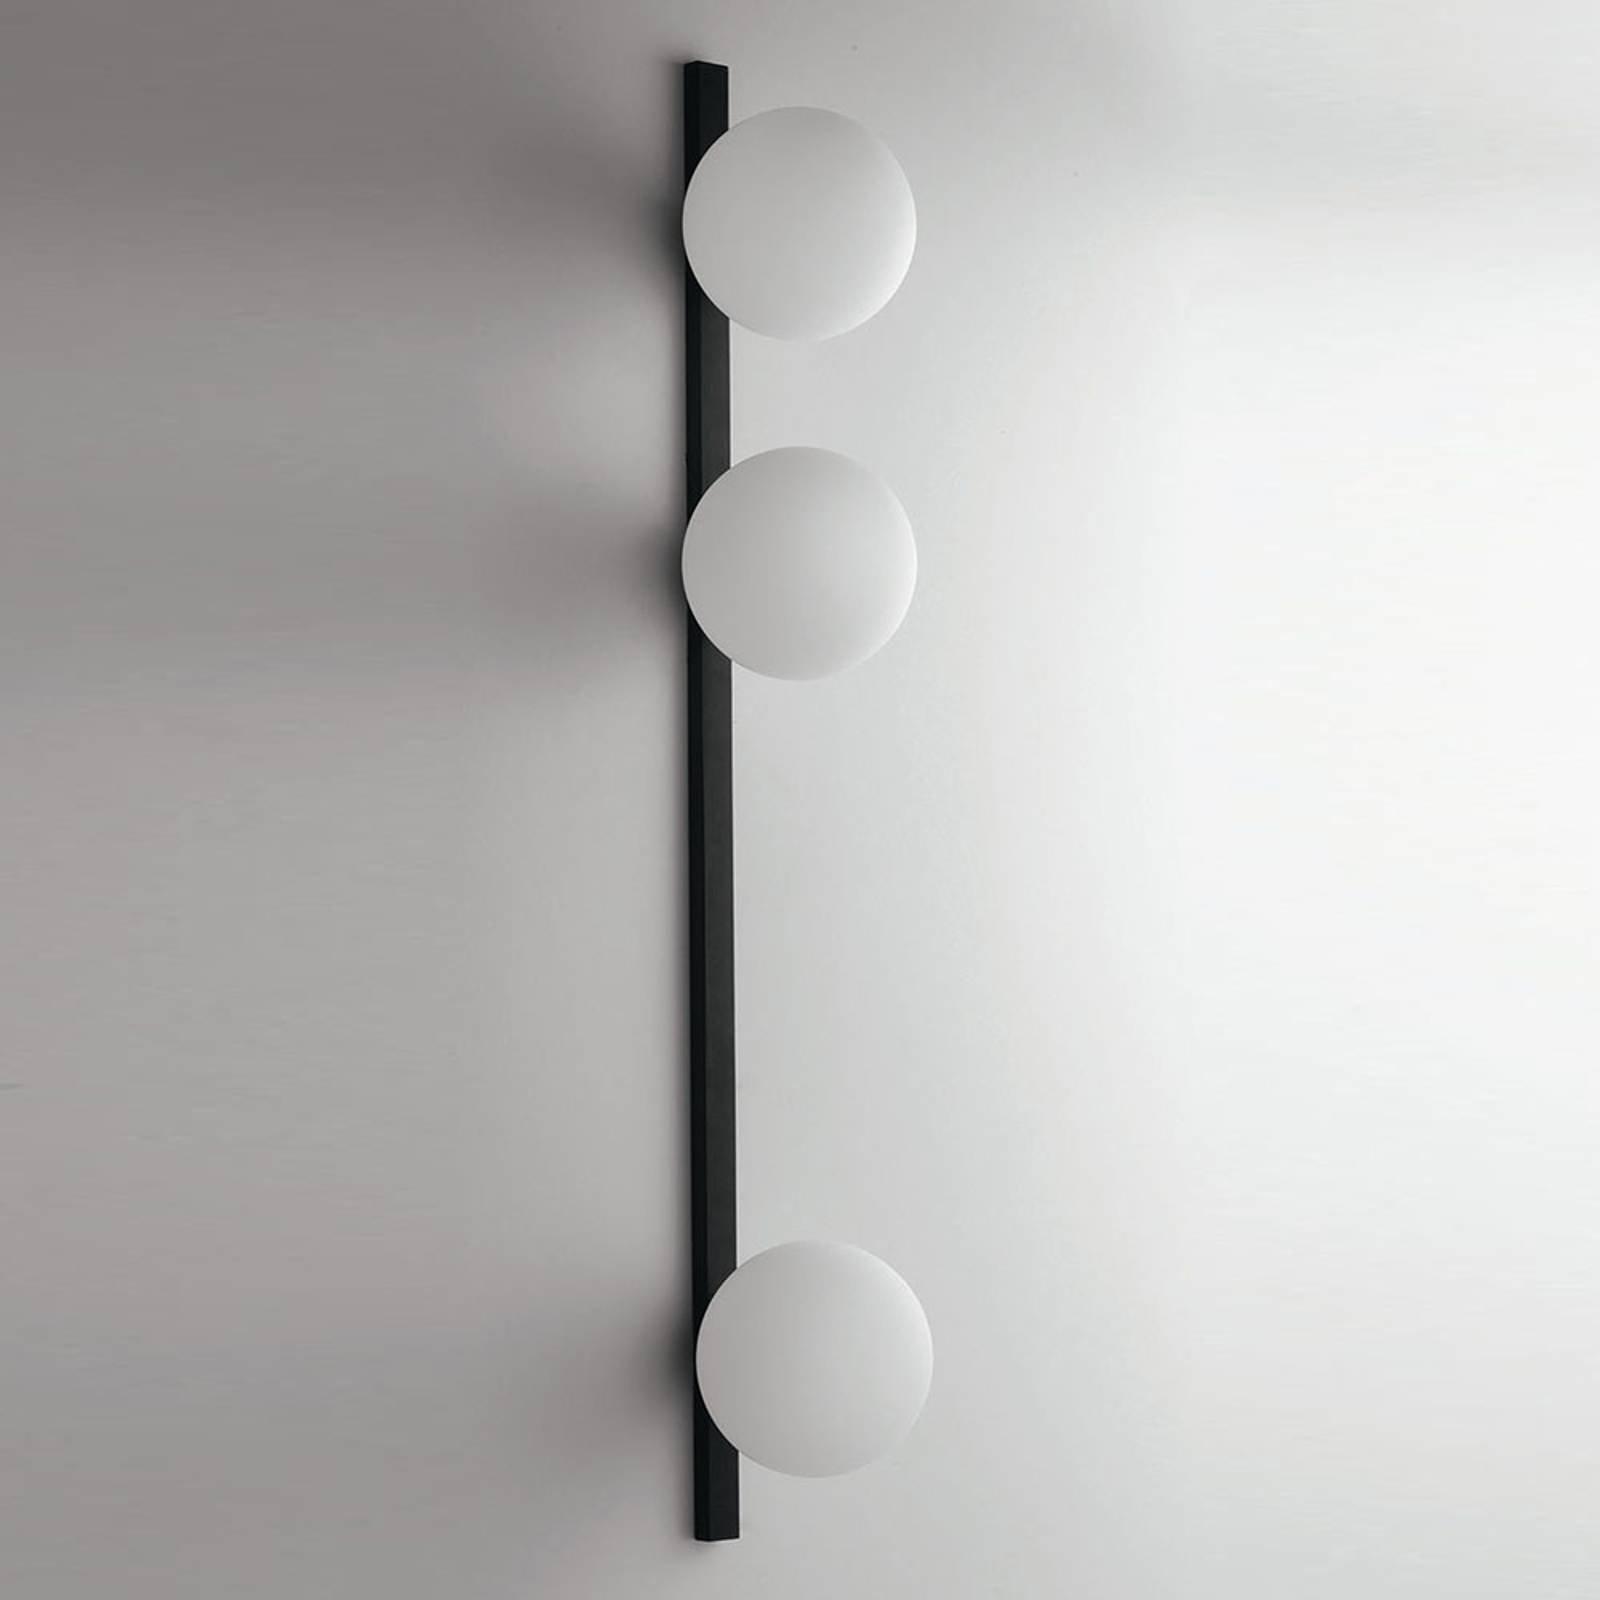 Vegglampe Enoire i svart og hvit, 3 lyskilder